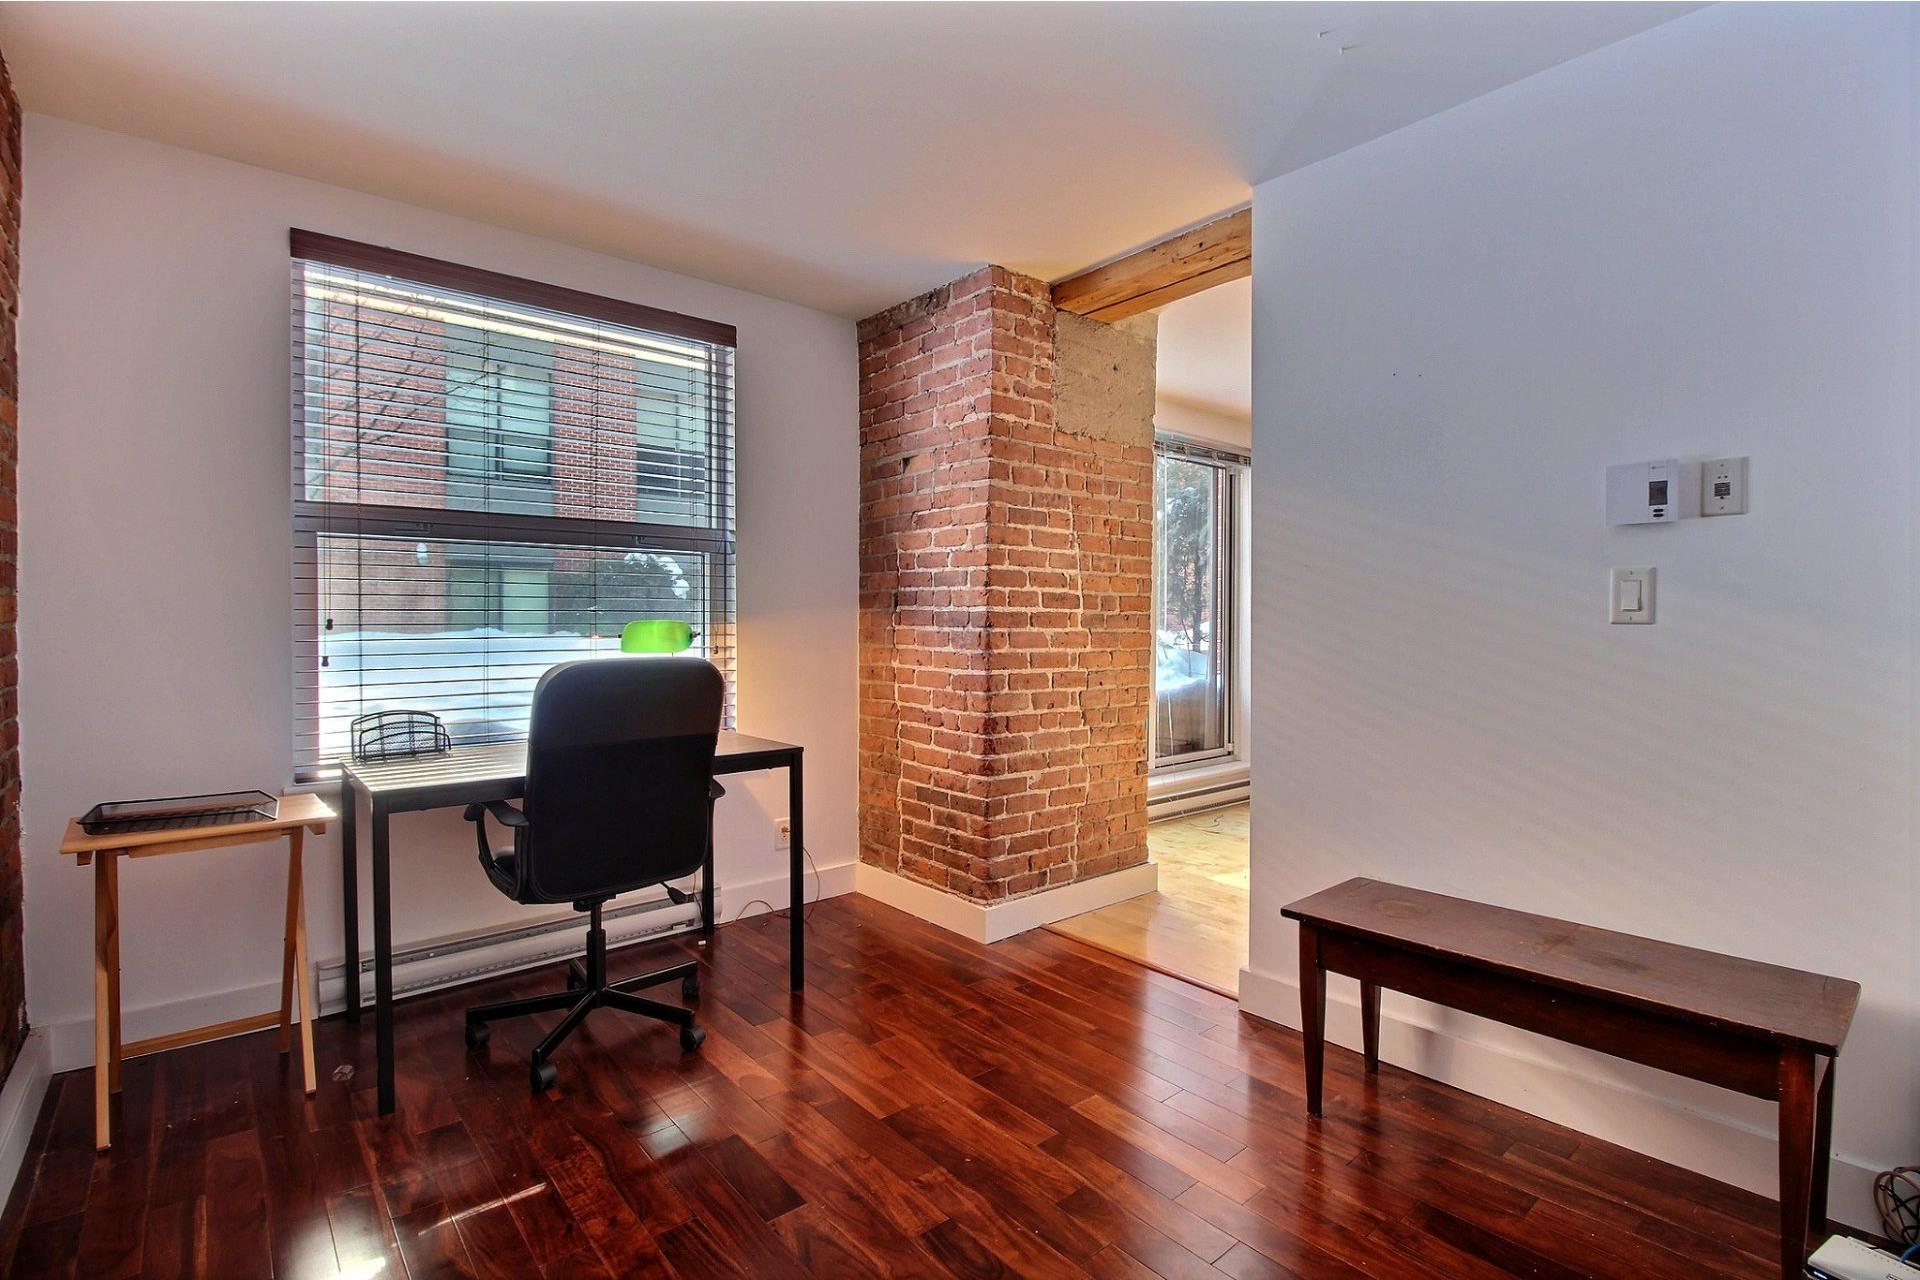 image 12 - Apartment For rent Montréal Mercier/Hochelaga-Maisonneuve  - 5 rooms